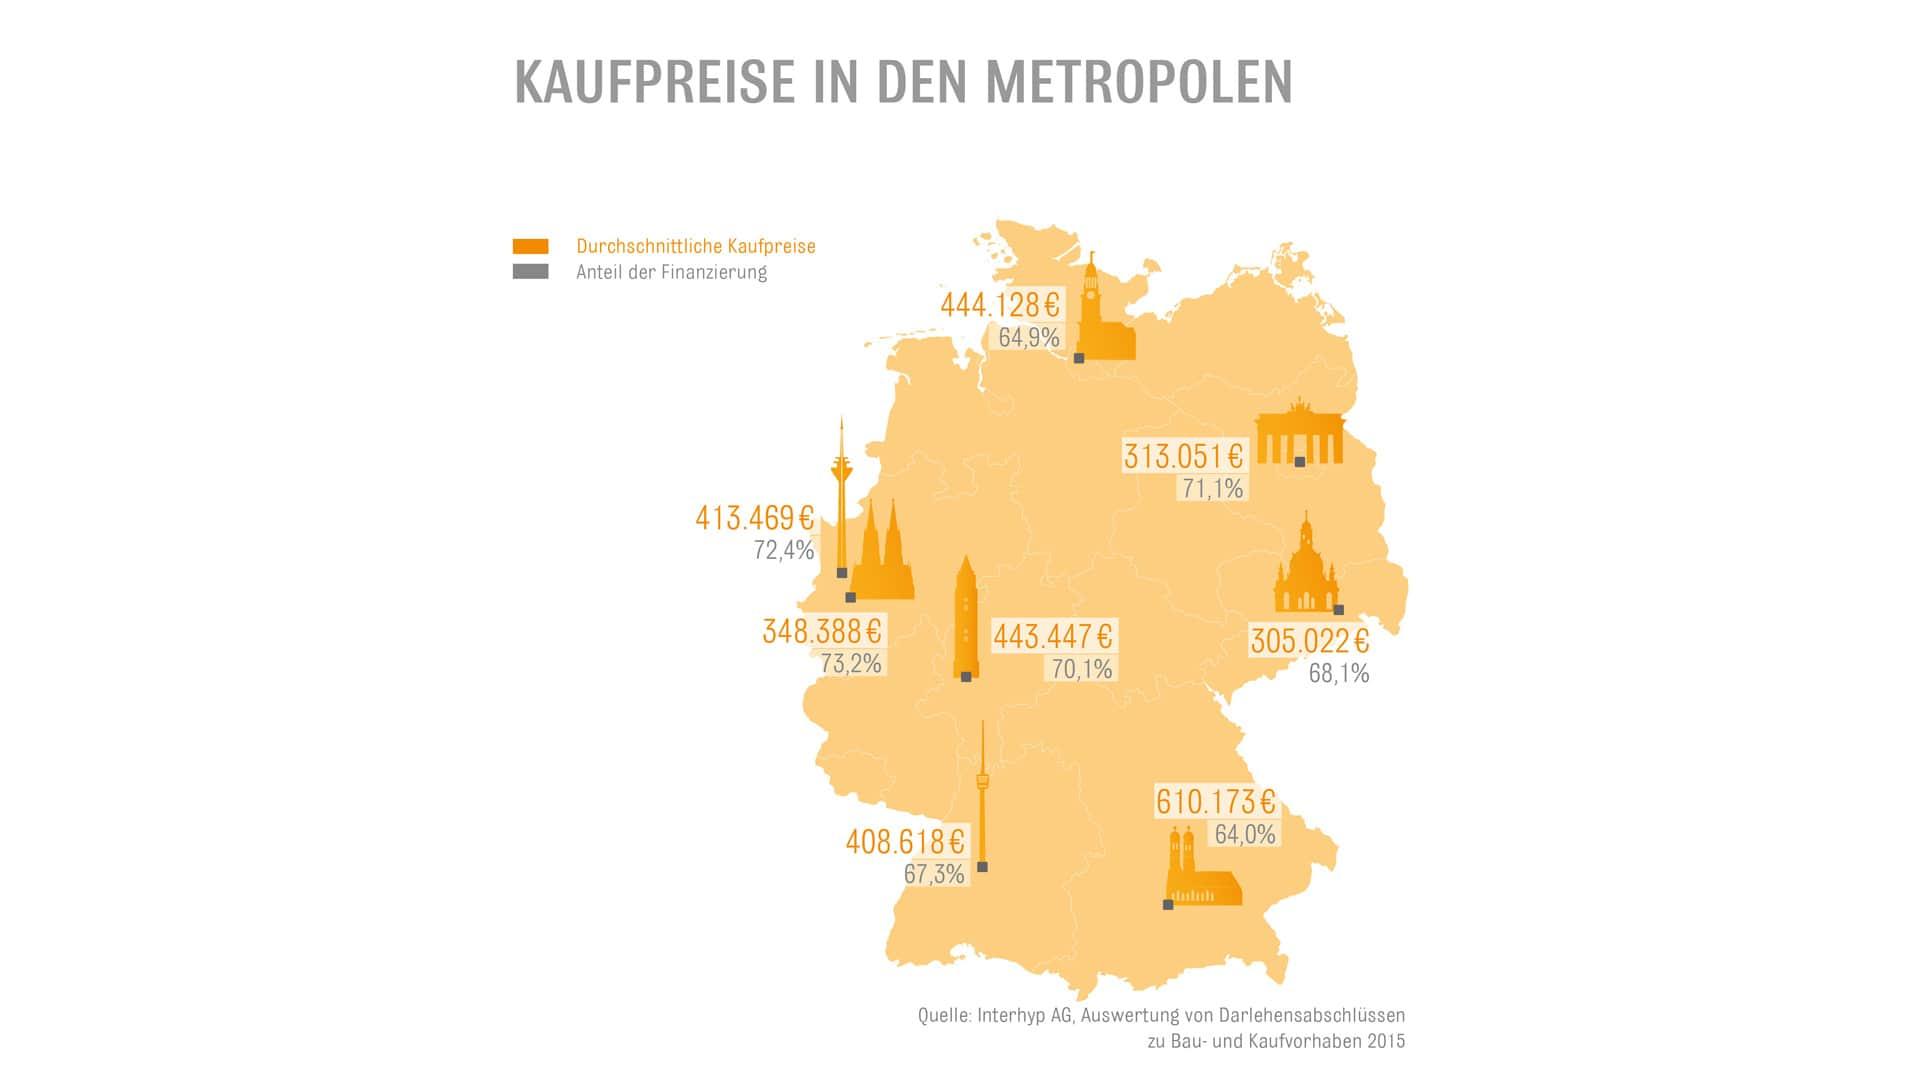 Infografik: Kaufpreise in Metropolen und Anteil der Finanzierung